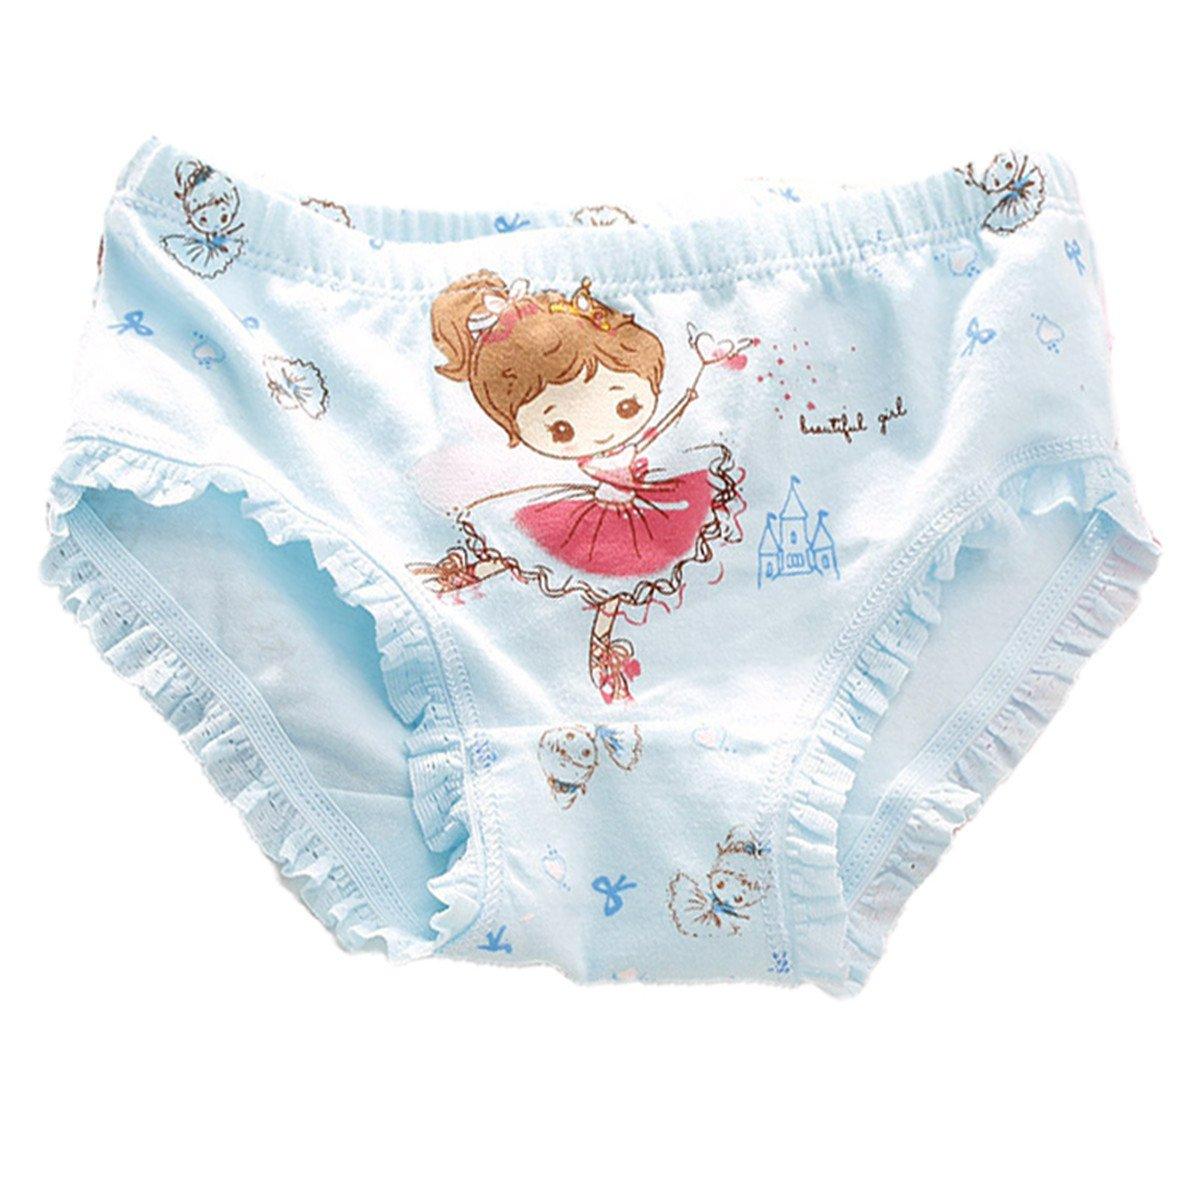 FAIRYRAIN 4 Packung Baby Kleinkind M/ädchen Ballett Prinzessin Pantys Hipster Shorts Spitze Baumwollunterhosen Unterw/äsche